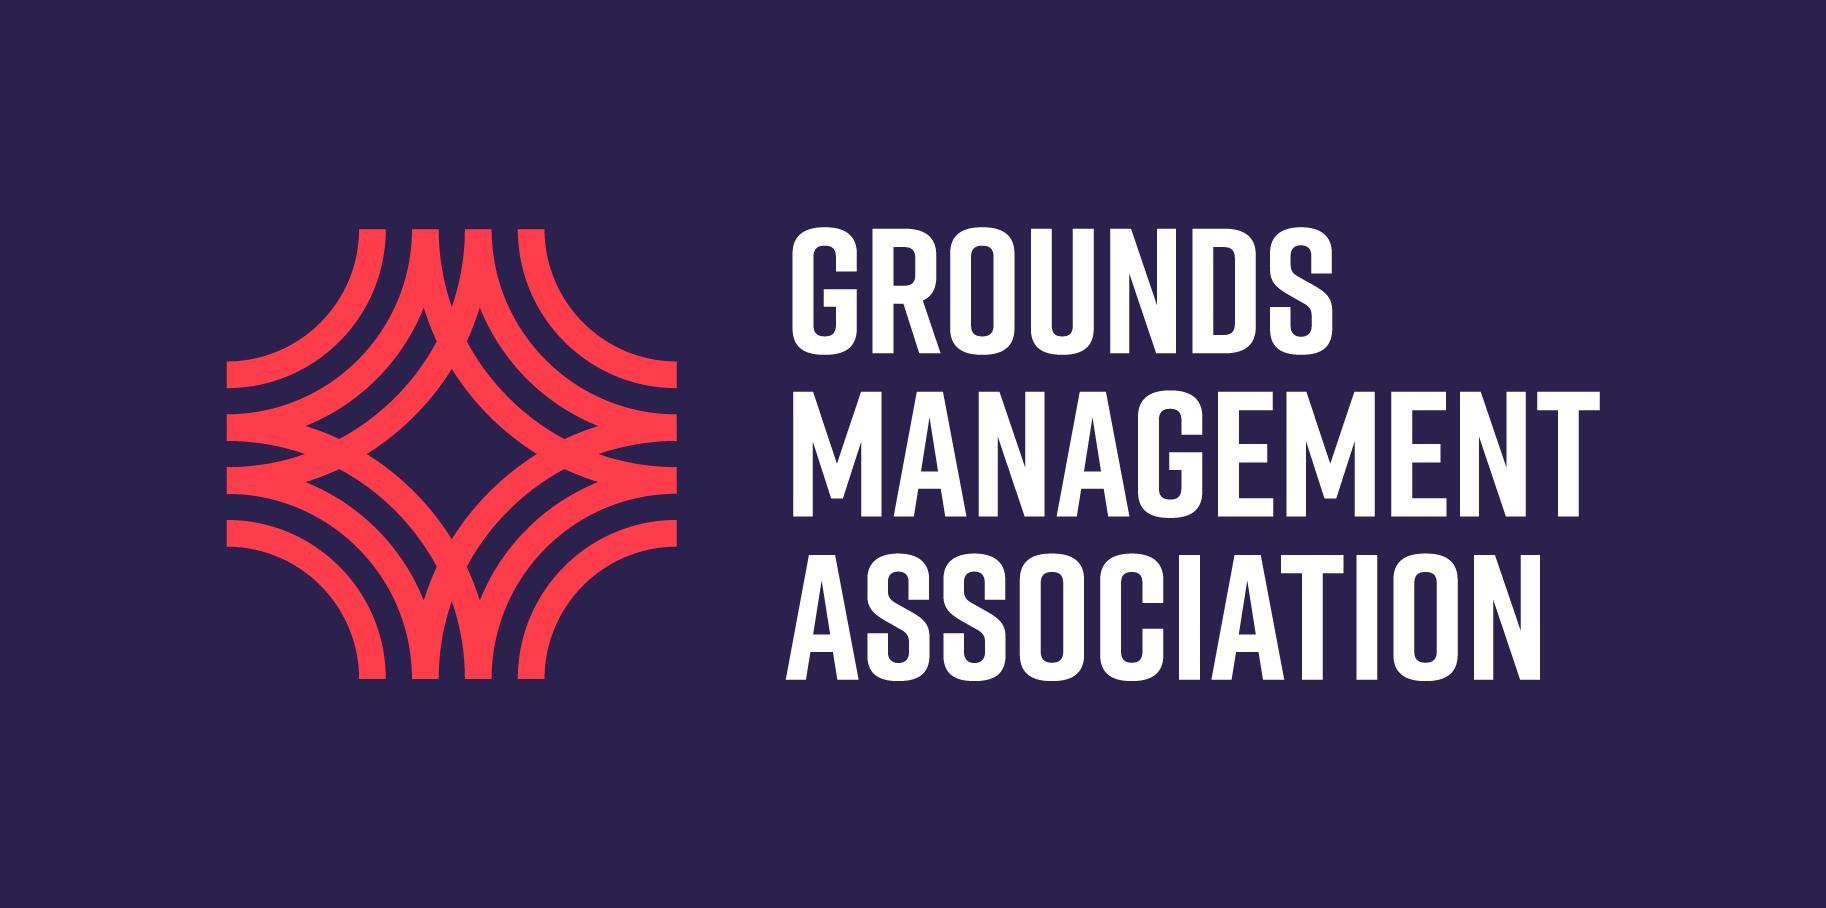 Grounds Management Association ()